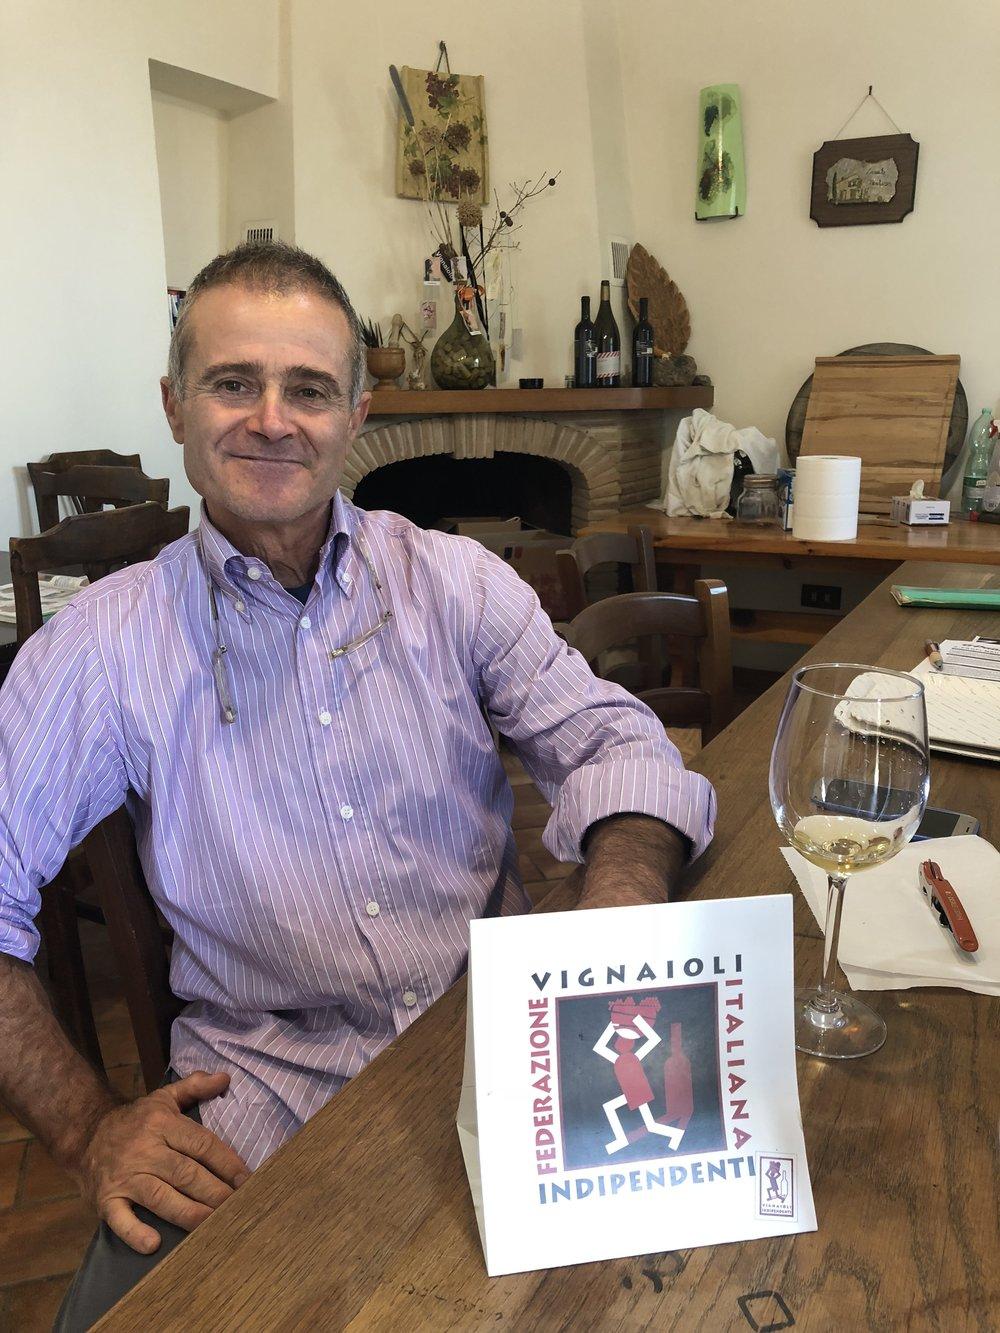 Owner and winemaker, Antonio Cosmi from Casale Certosa